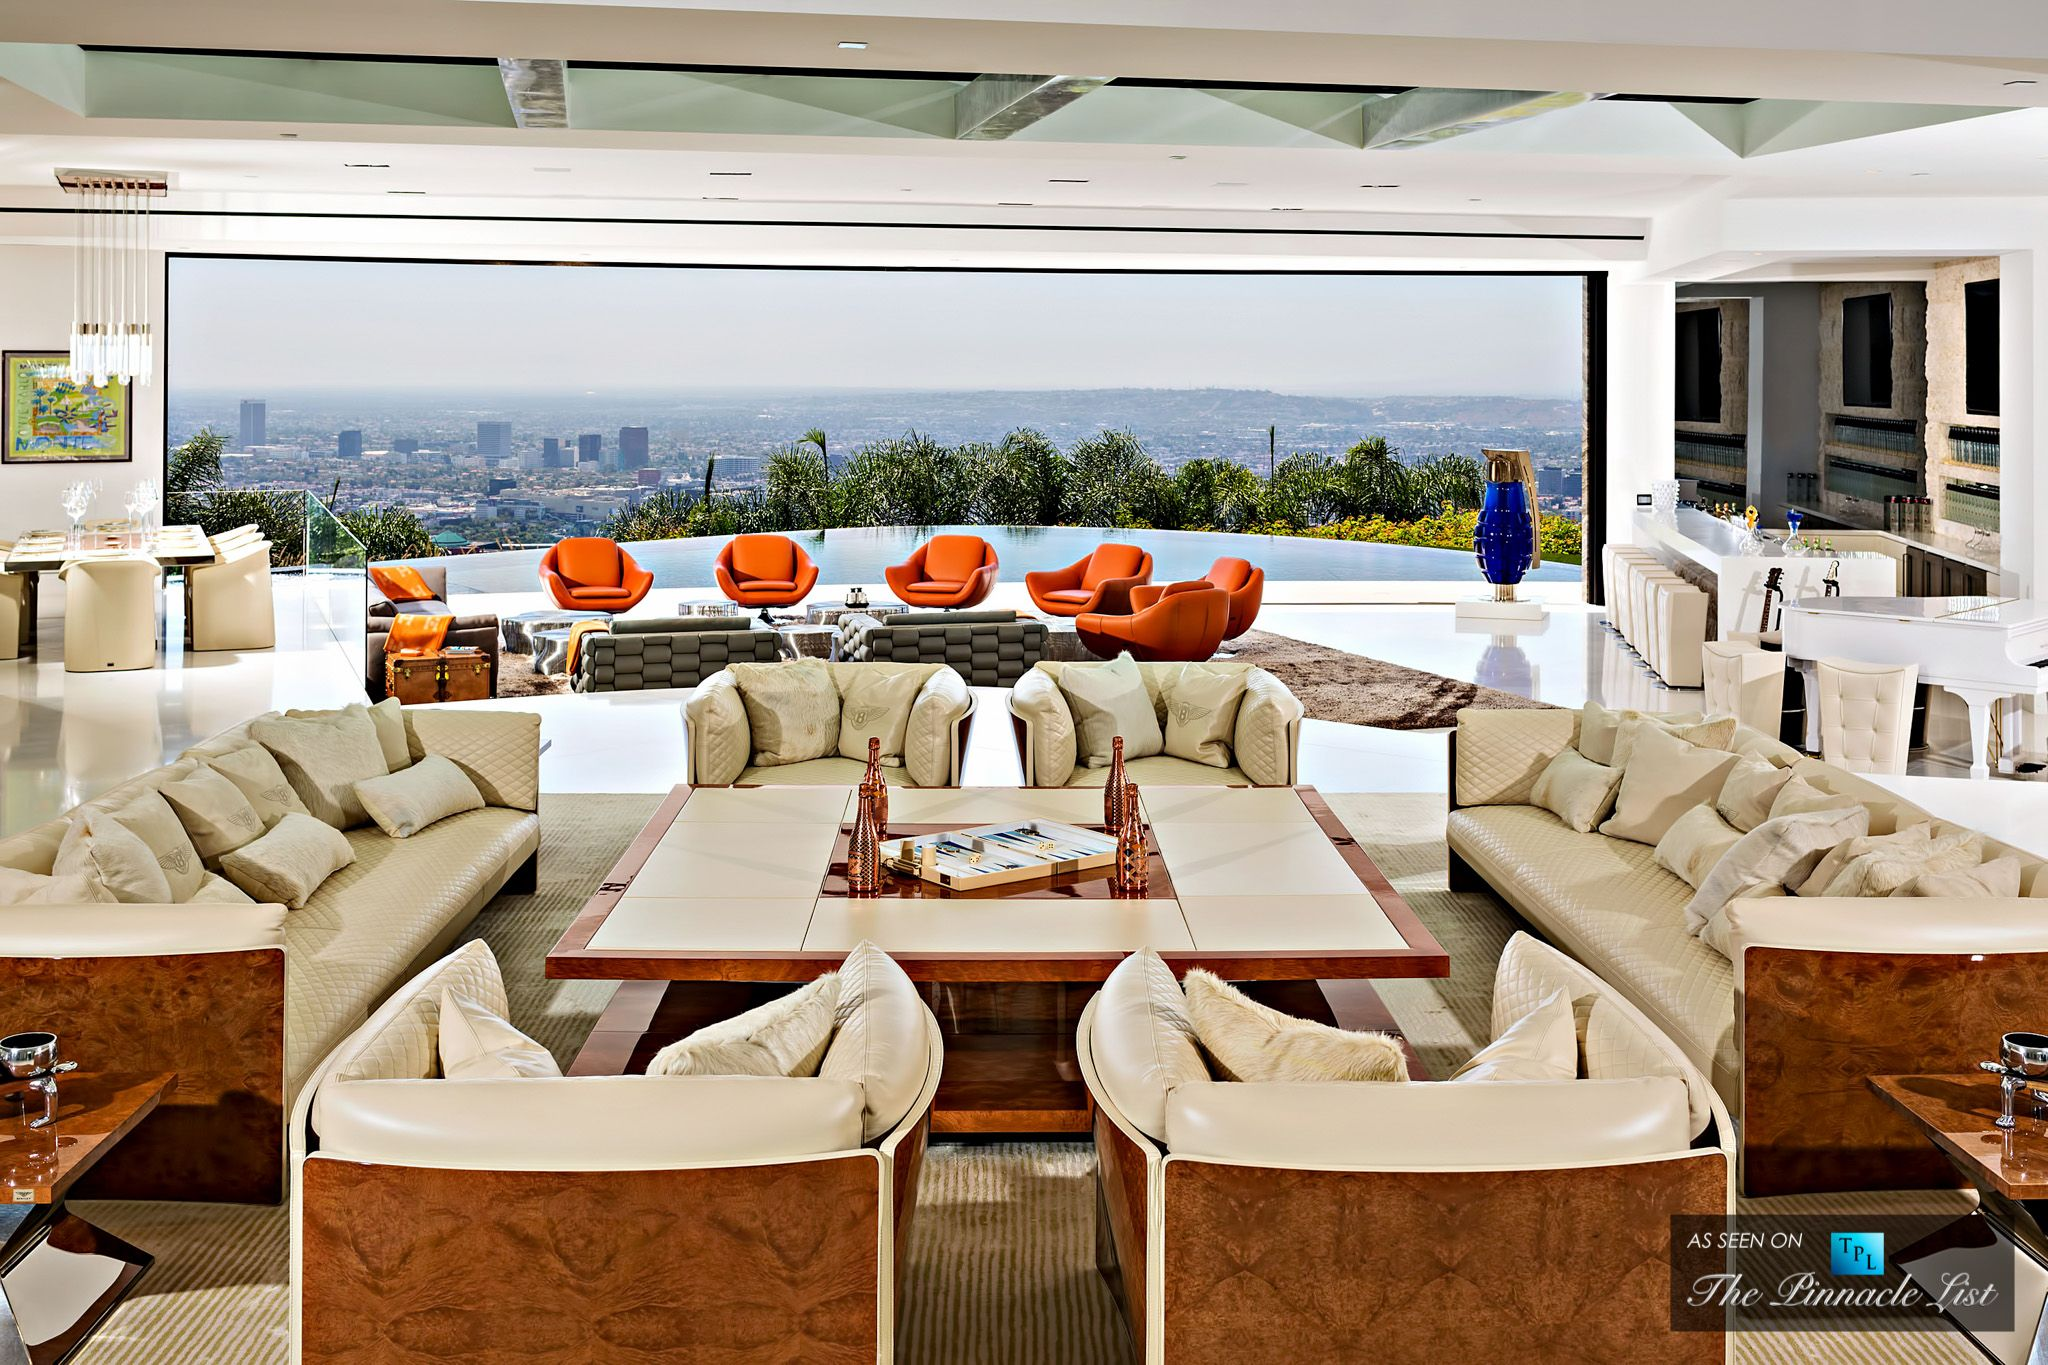 設置階段 - 定制家居裝飾變成了寶貴的必要性尤伯杯高檔樓盤